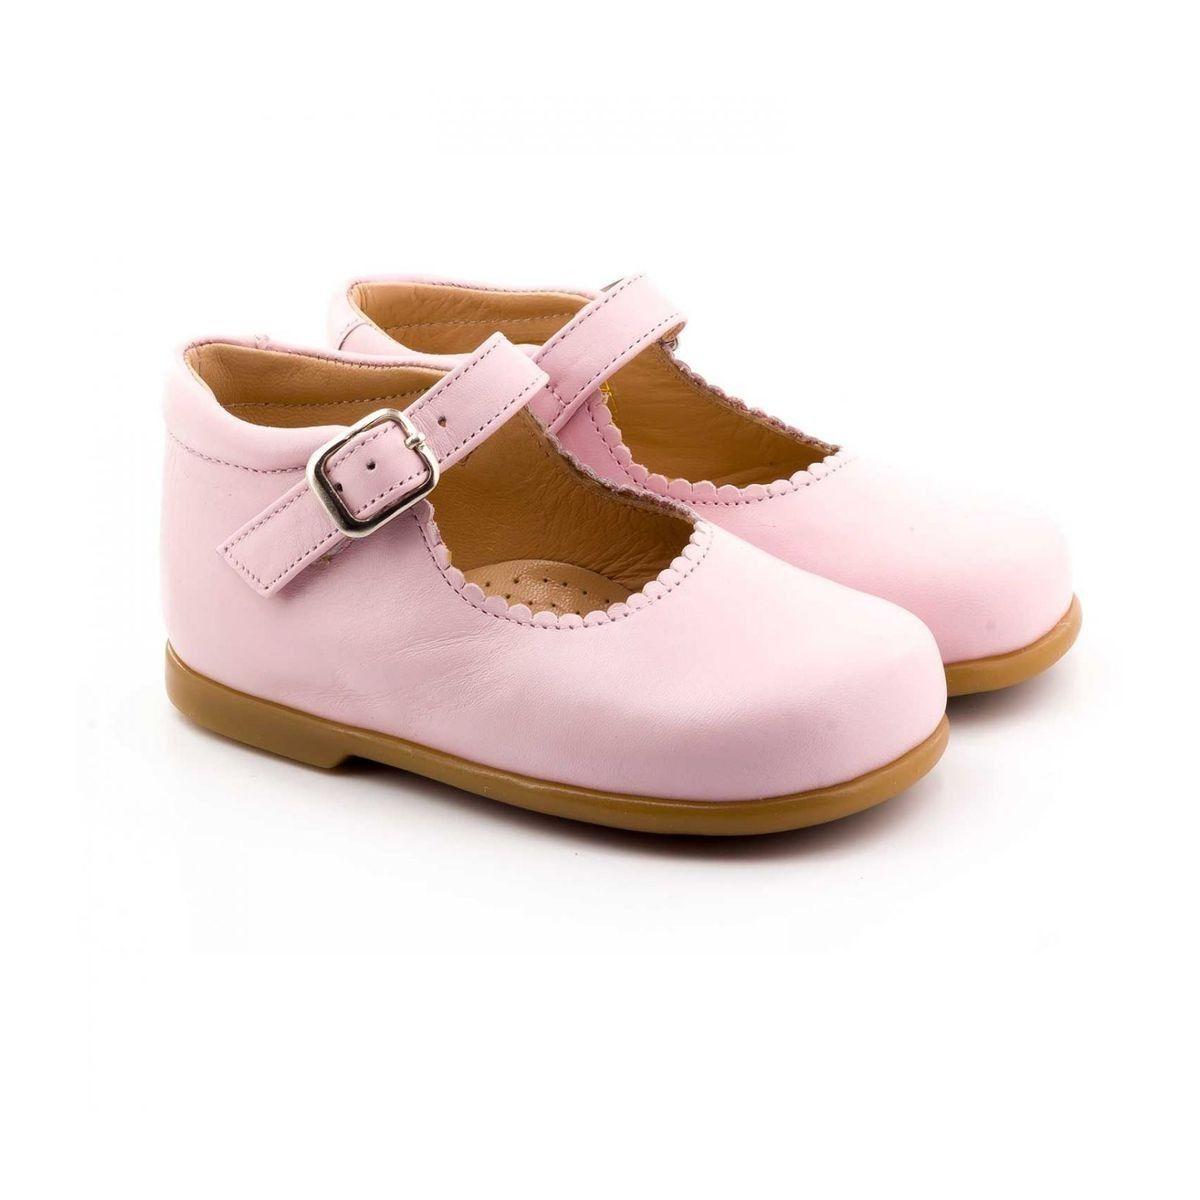 économies fantastiques meilleur service tout à fait stylé Boni Isabelle - Chaussures Bébé Fille - Taille : 18;24 ...